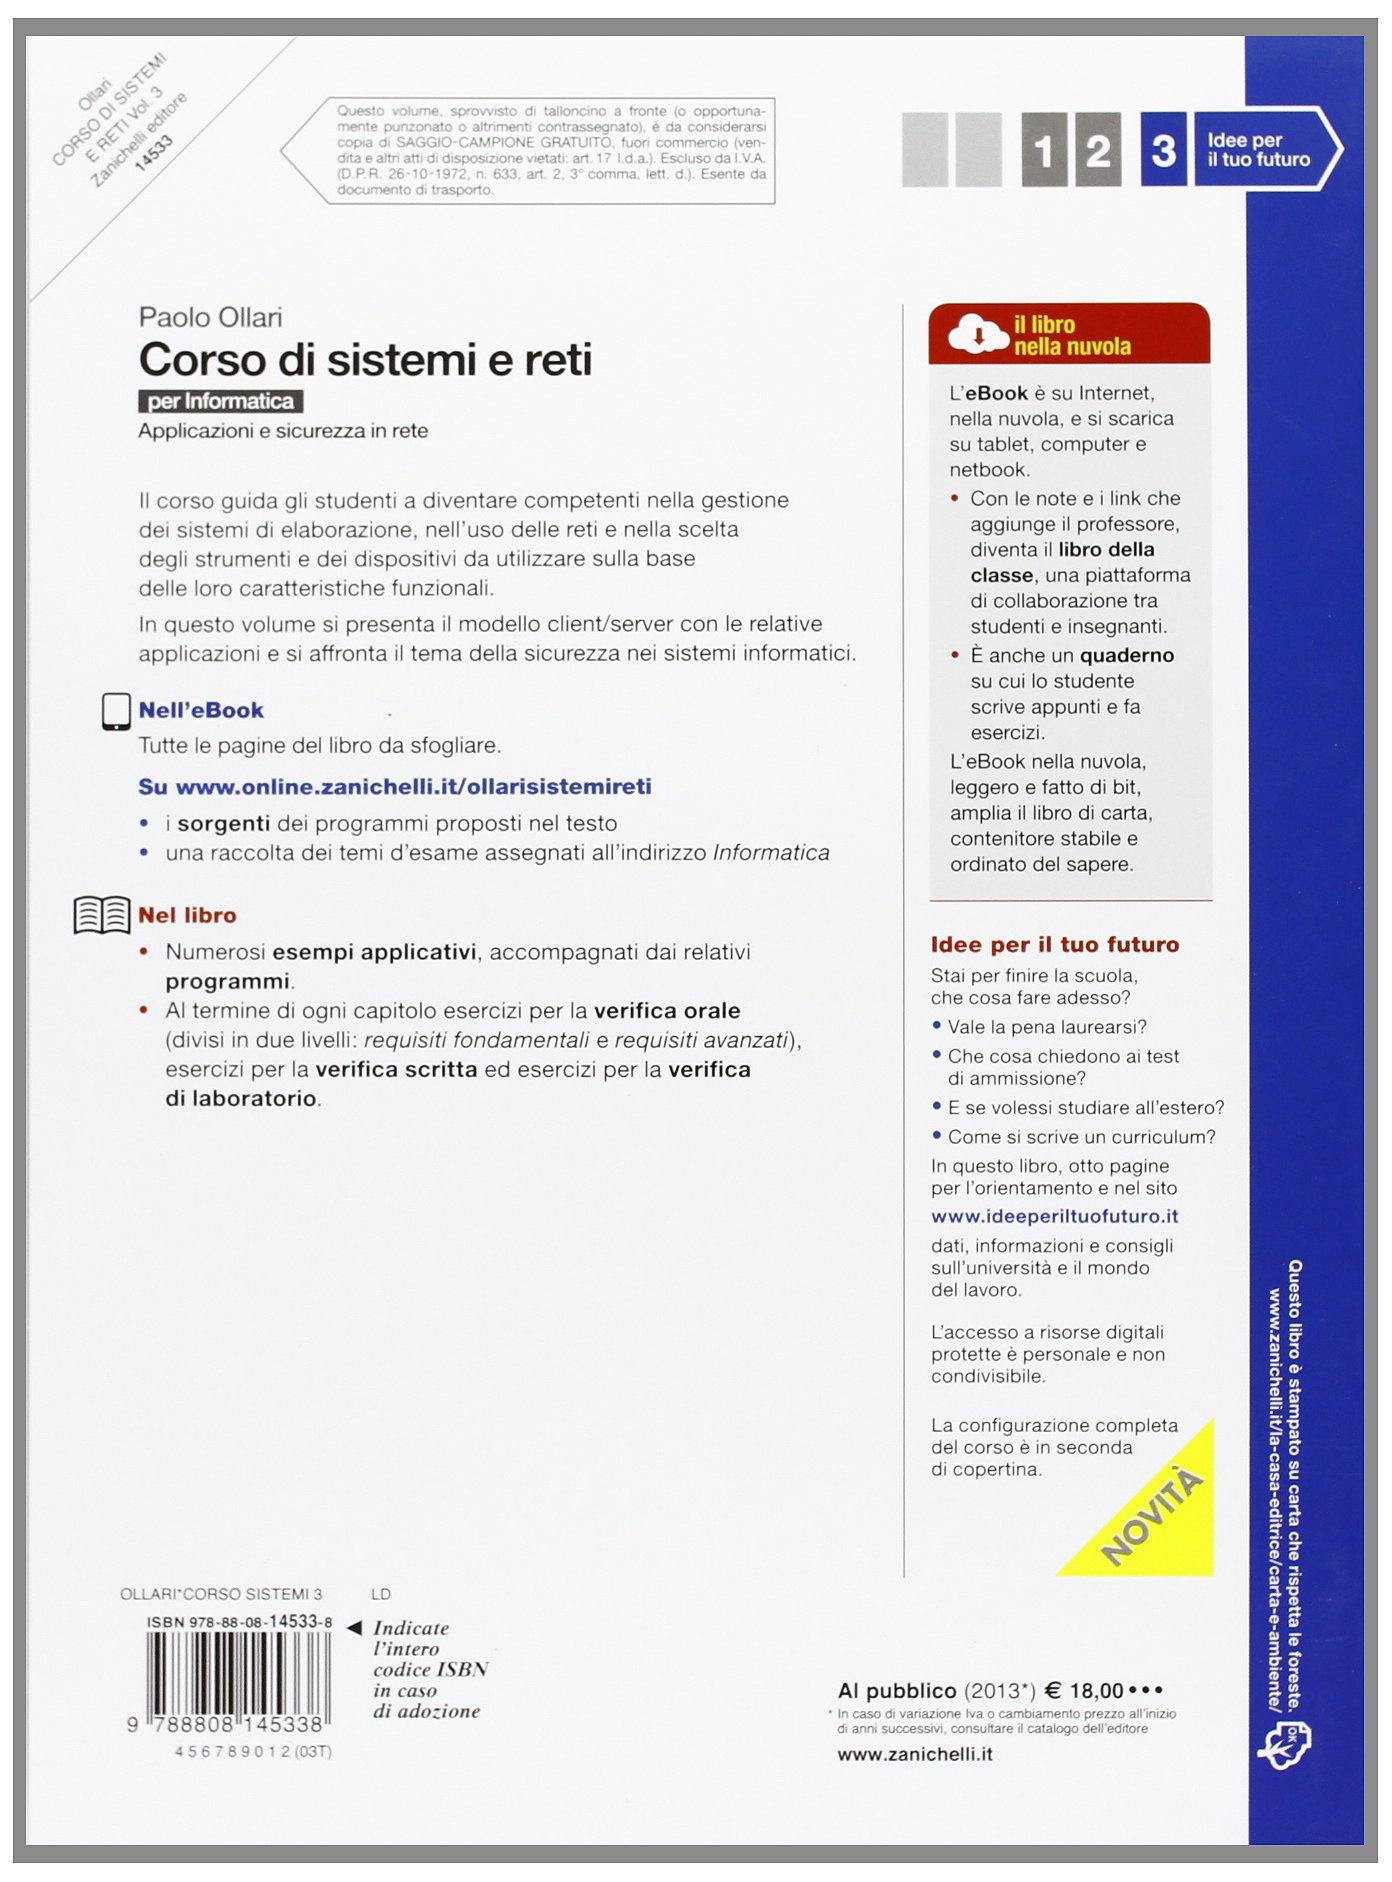 Corso Di Sistemi E Reti Per Informatica Per Le Scuole Superiori